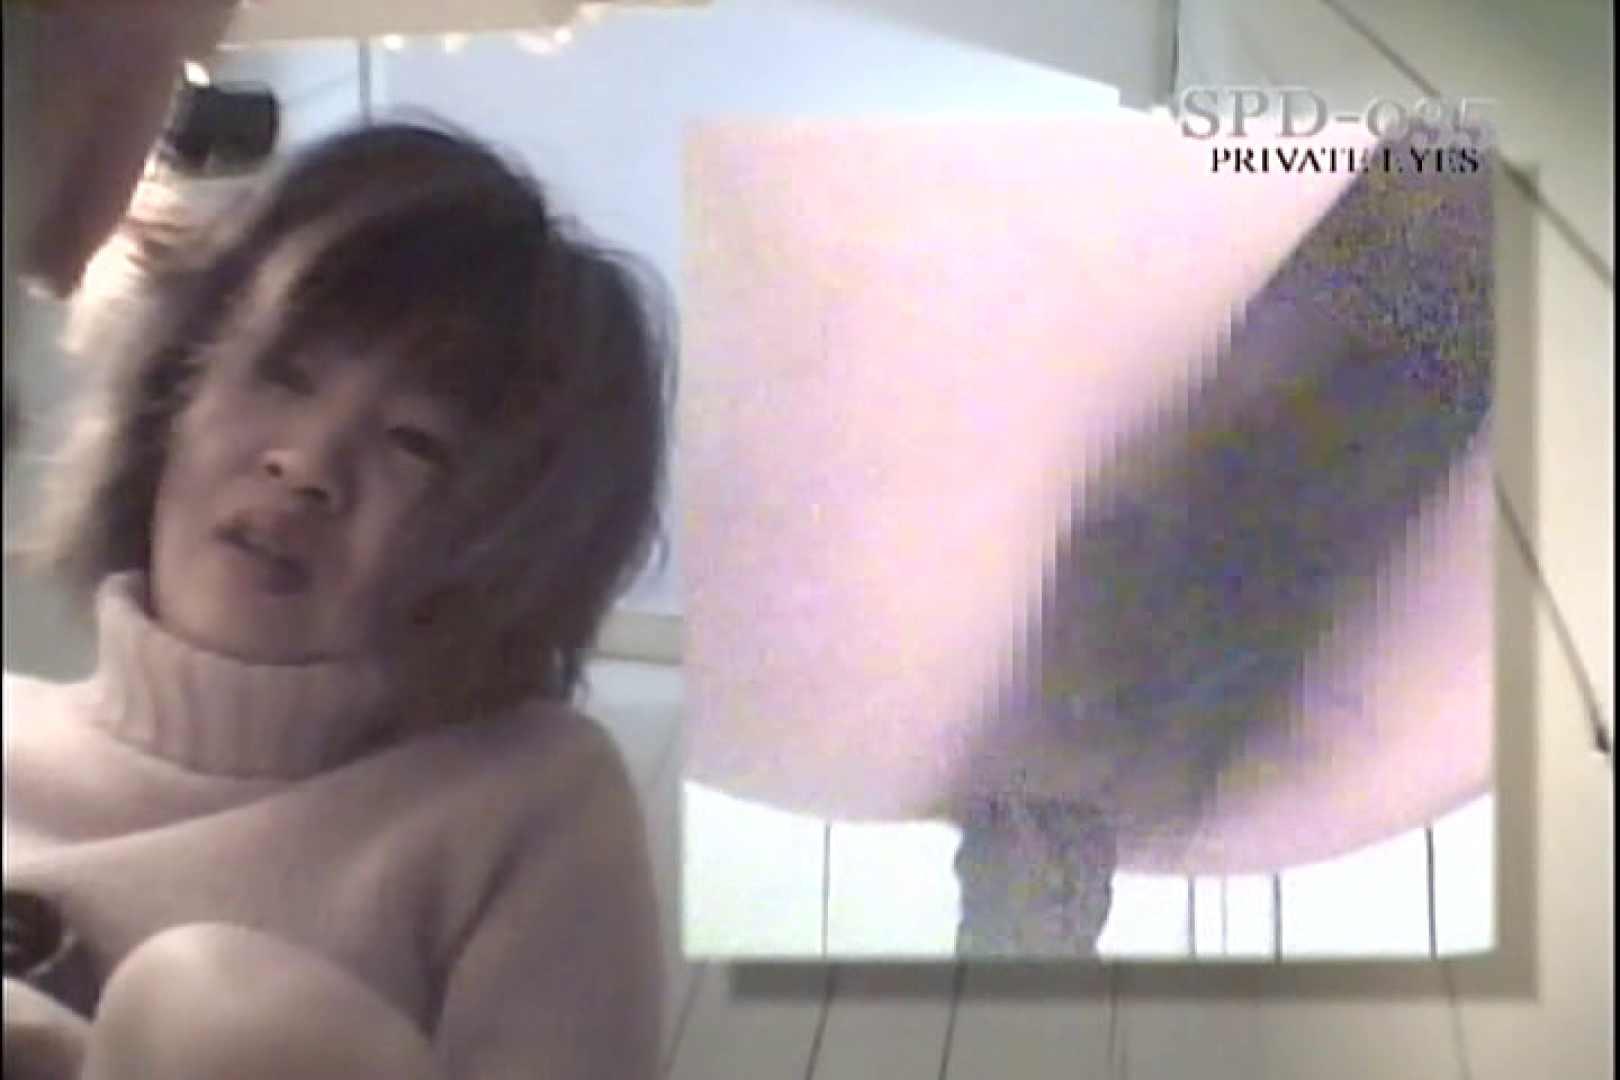 高画質版!SPD-035 和式厠 モリモリスペシャル 2 厠・・・ スケベ動画紹介 87PIX 77